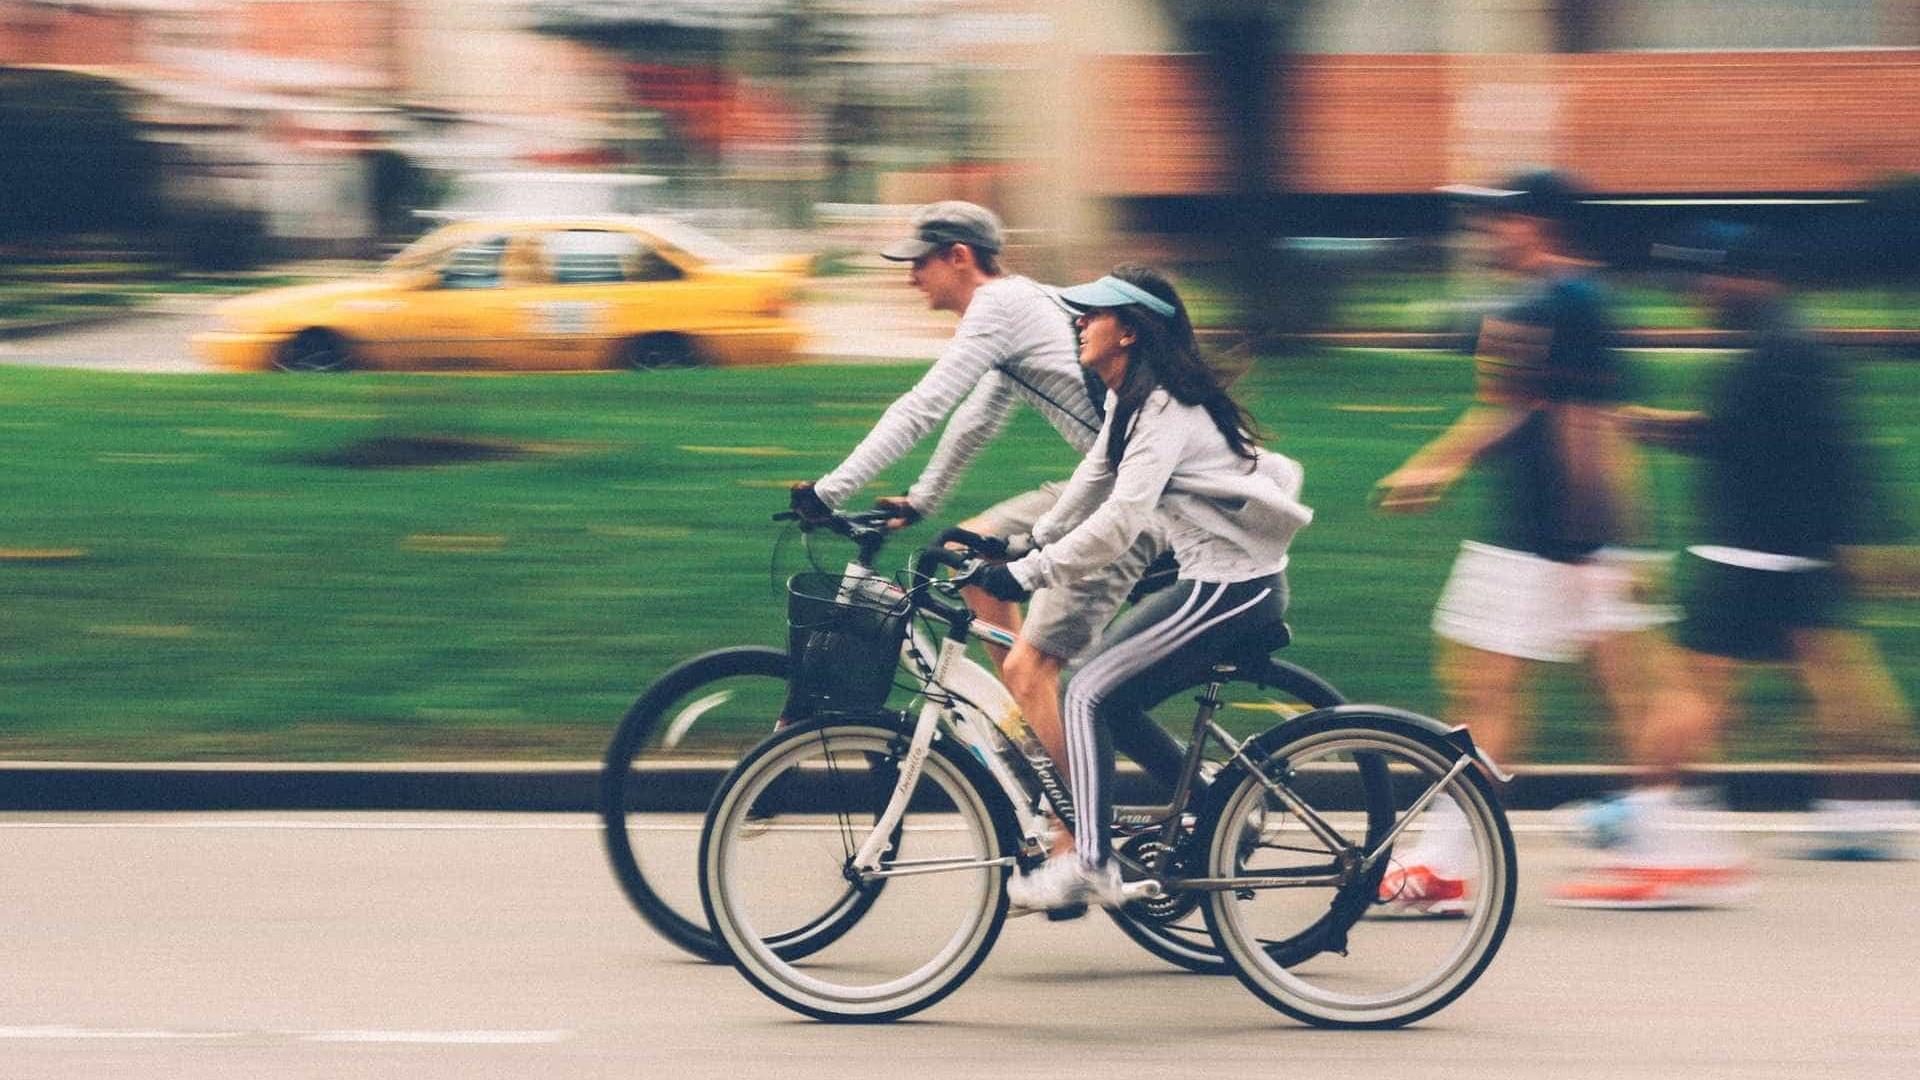 naom 5a4cbf182eb91 - Multa a pedestres, ciclistas e mais: o que muda no trânsito em 2018?